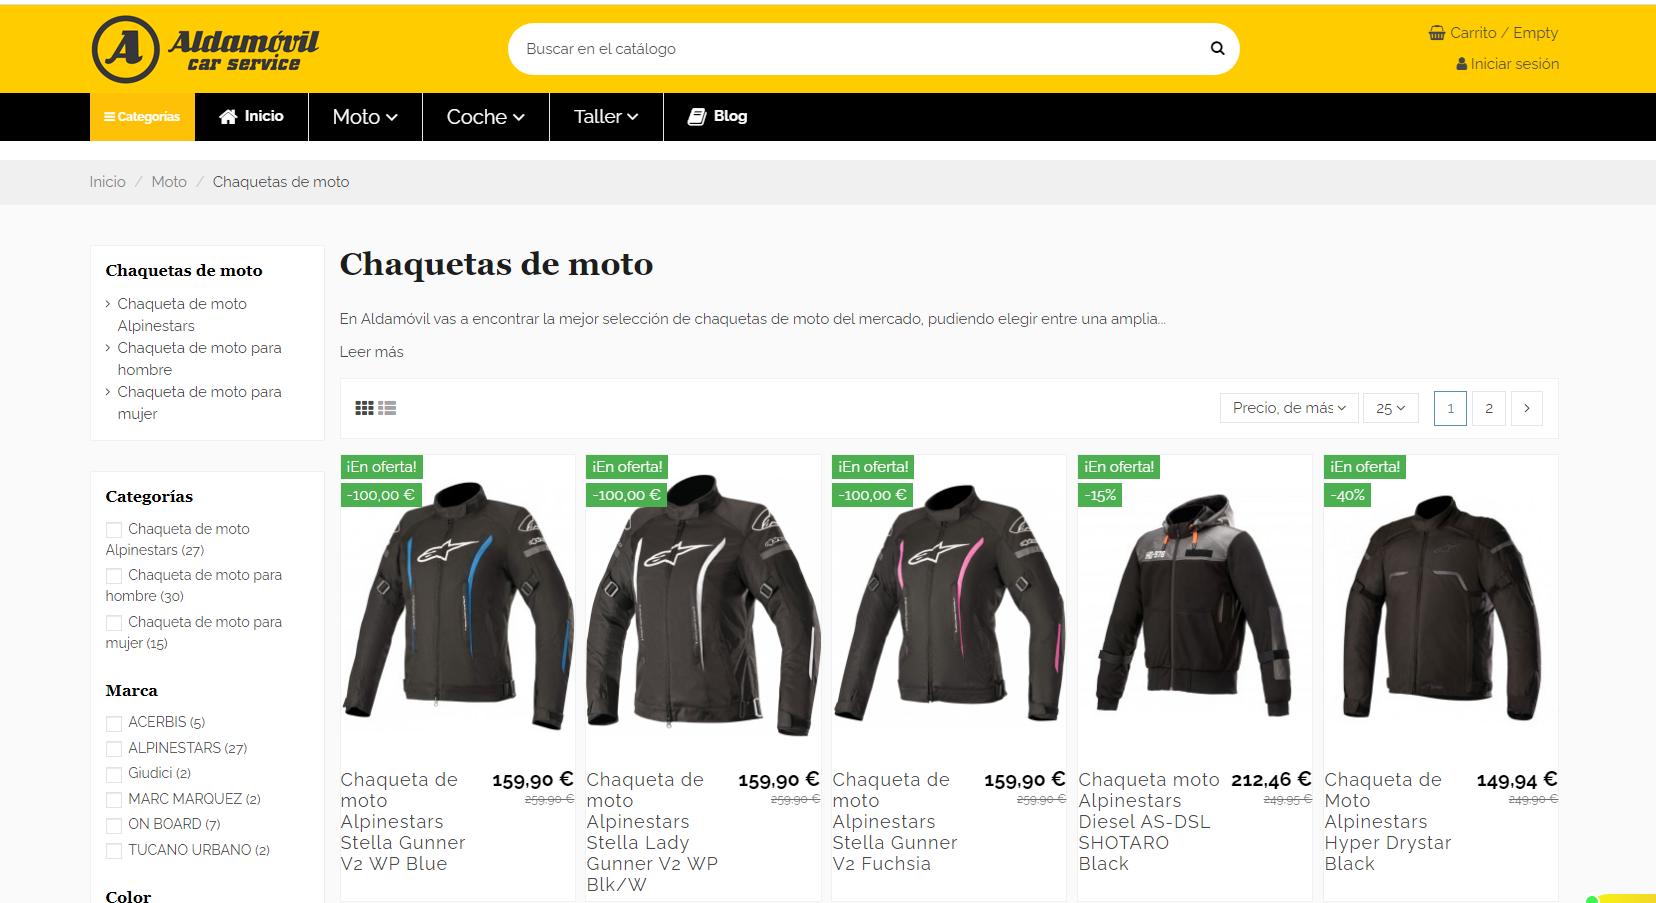 Nuevos modelos de chaqueta de moto en Aldamovil.com